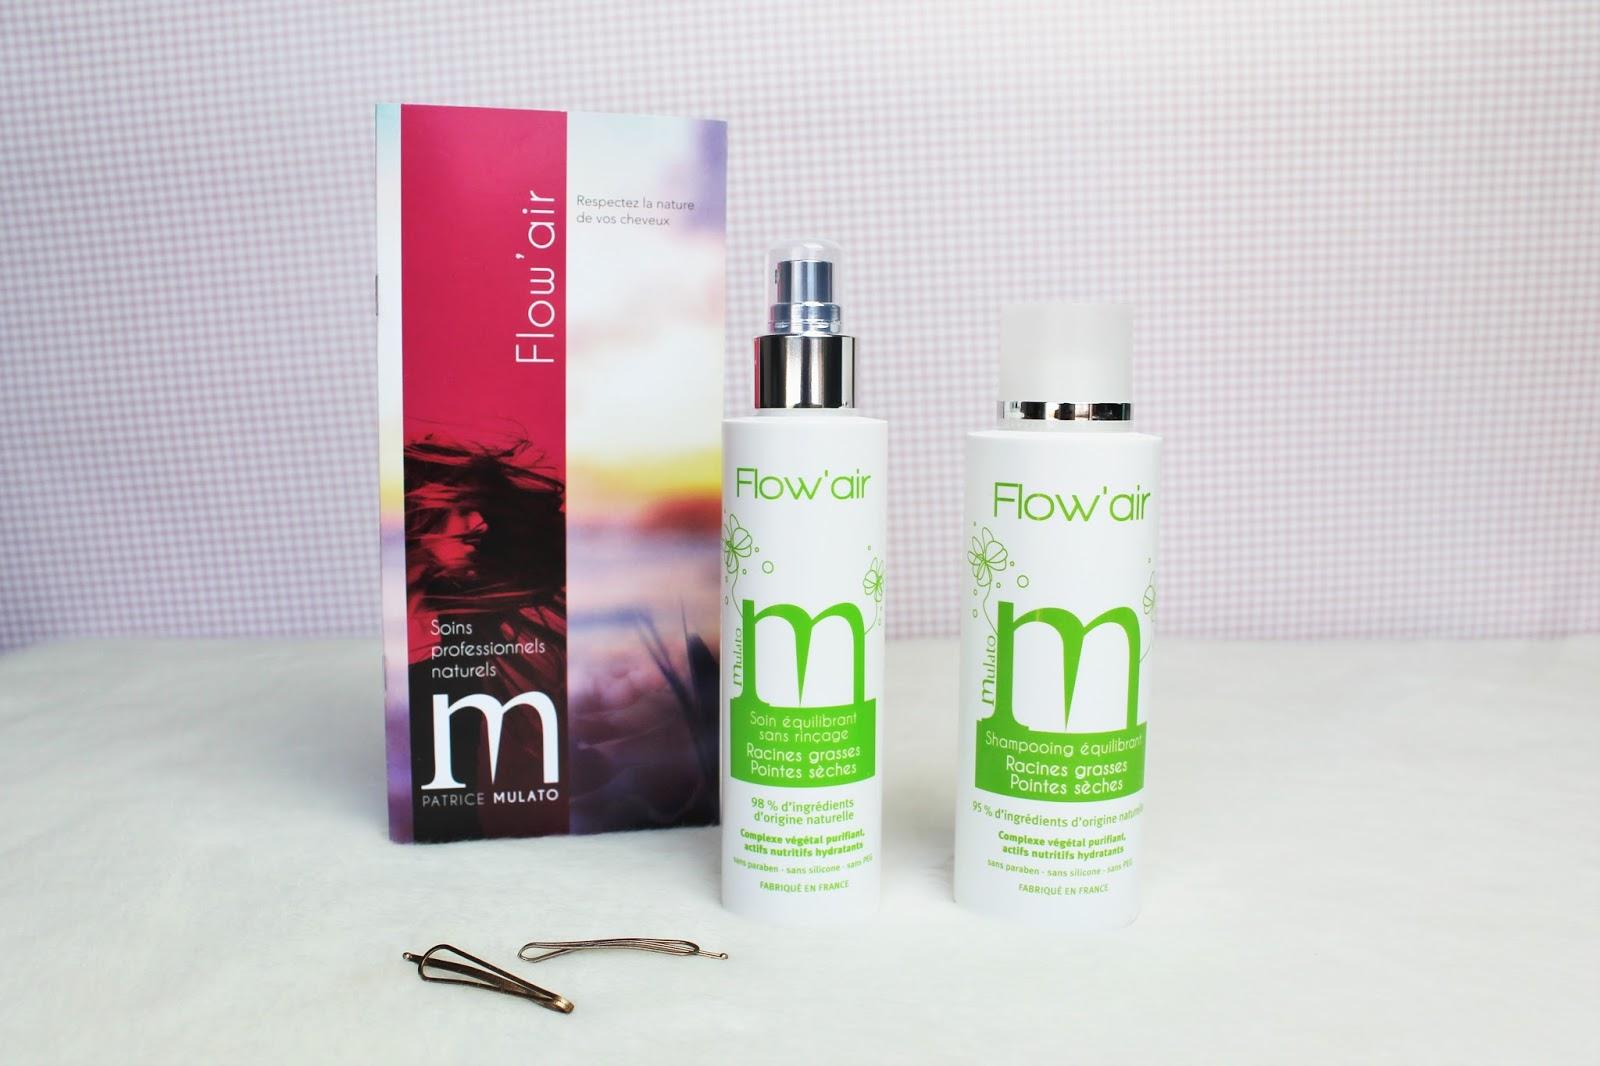 patrice mulato coiffure produits cheveux boucle flow air sans paraben sans silicone